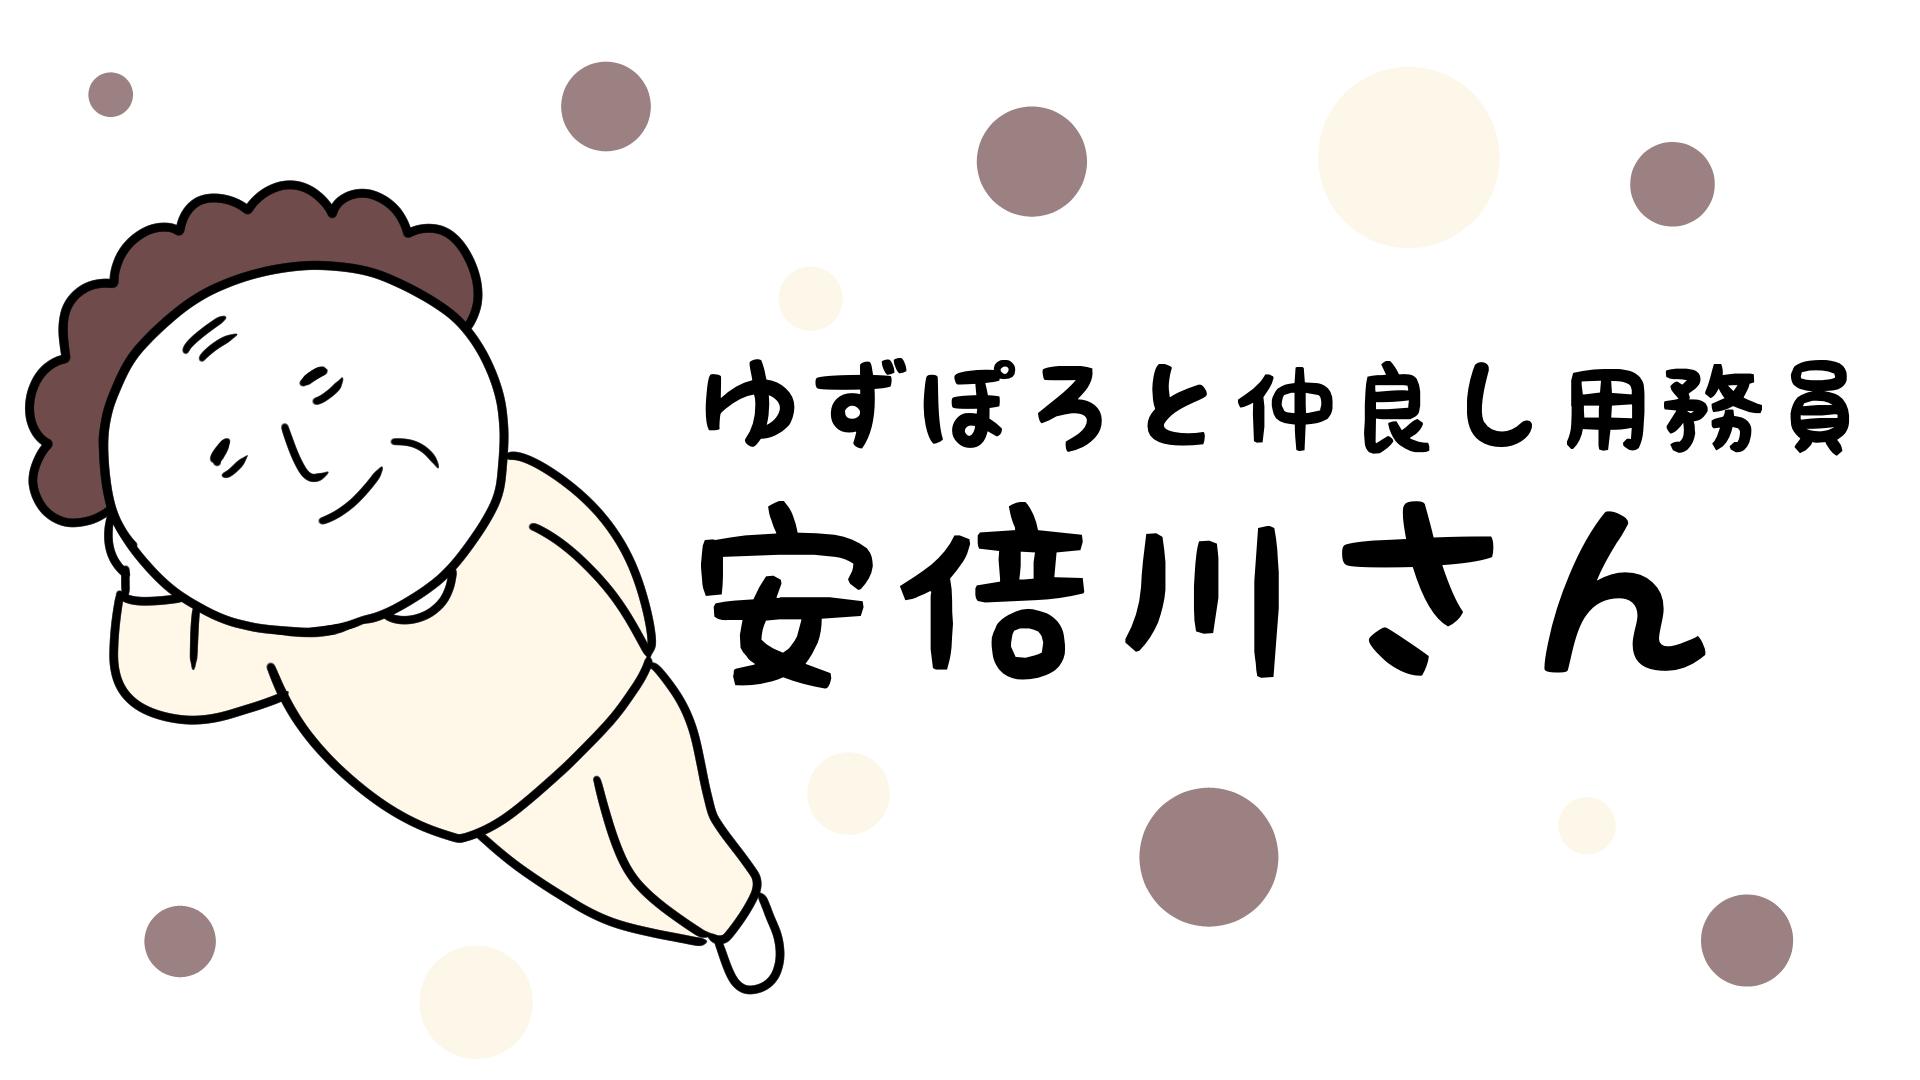 安倍川さん